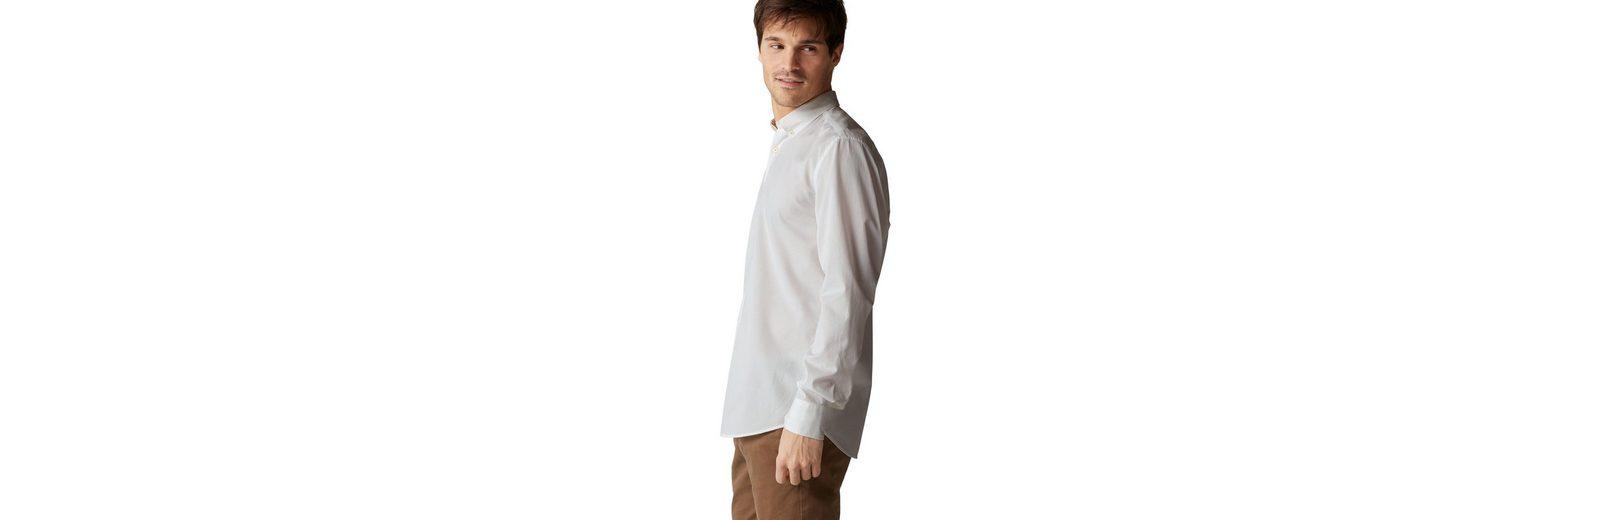 Marc O'Polo Langarmhemd Geschäft Auslass Zum Verkauf  Niedrigere Preise Freies Verschiffen Kauf Schnelle Lieferung Verkauf Online fYDGijl